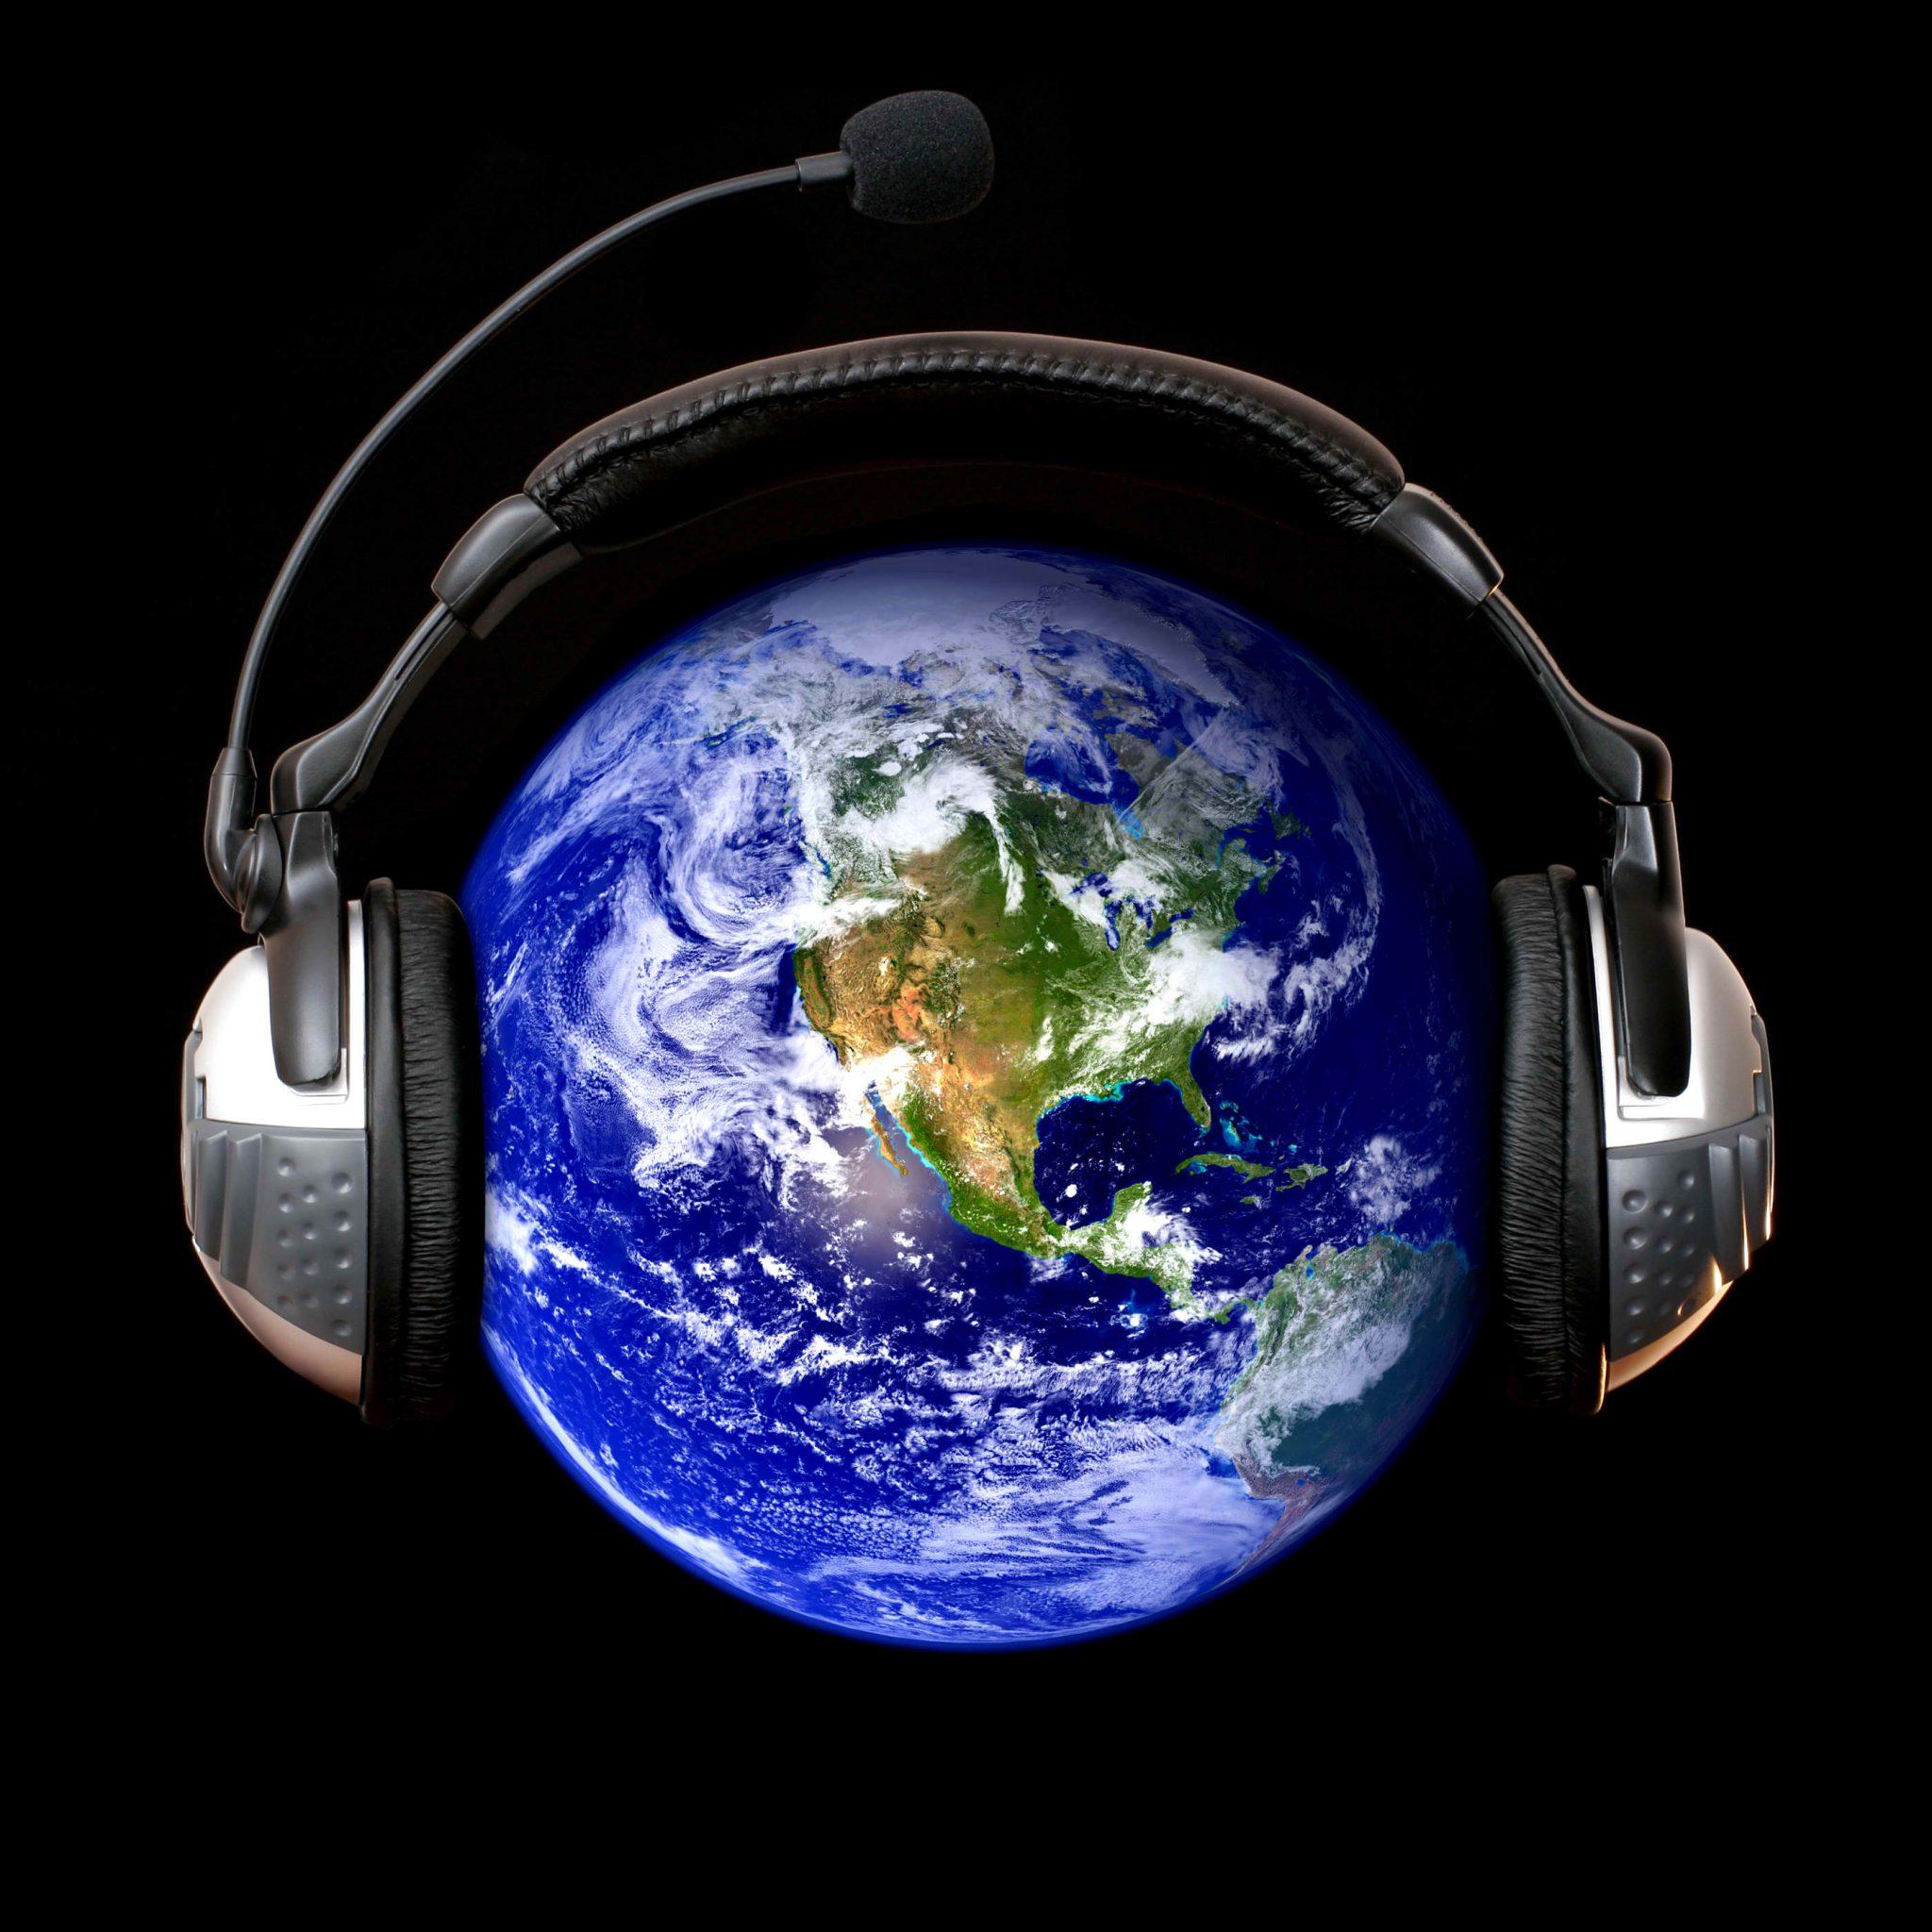 Λειτουργία Διαδικτυακού Ραδιόφωνου